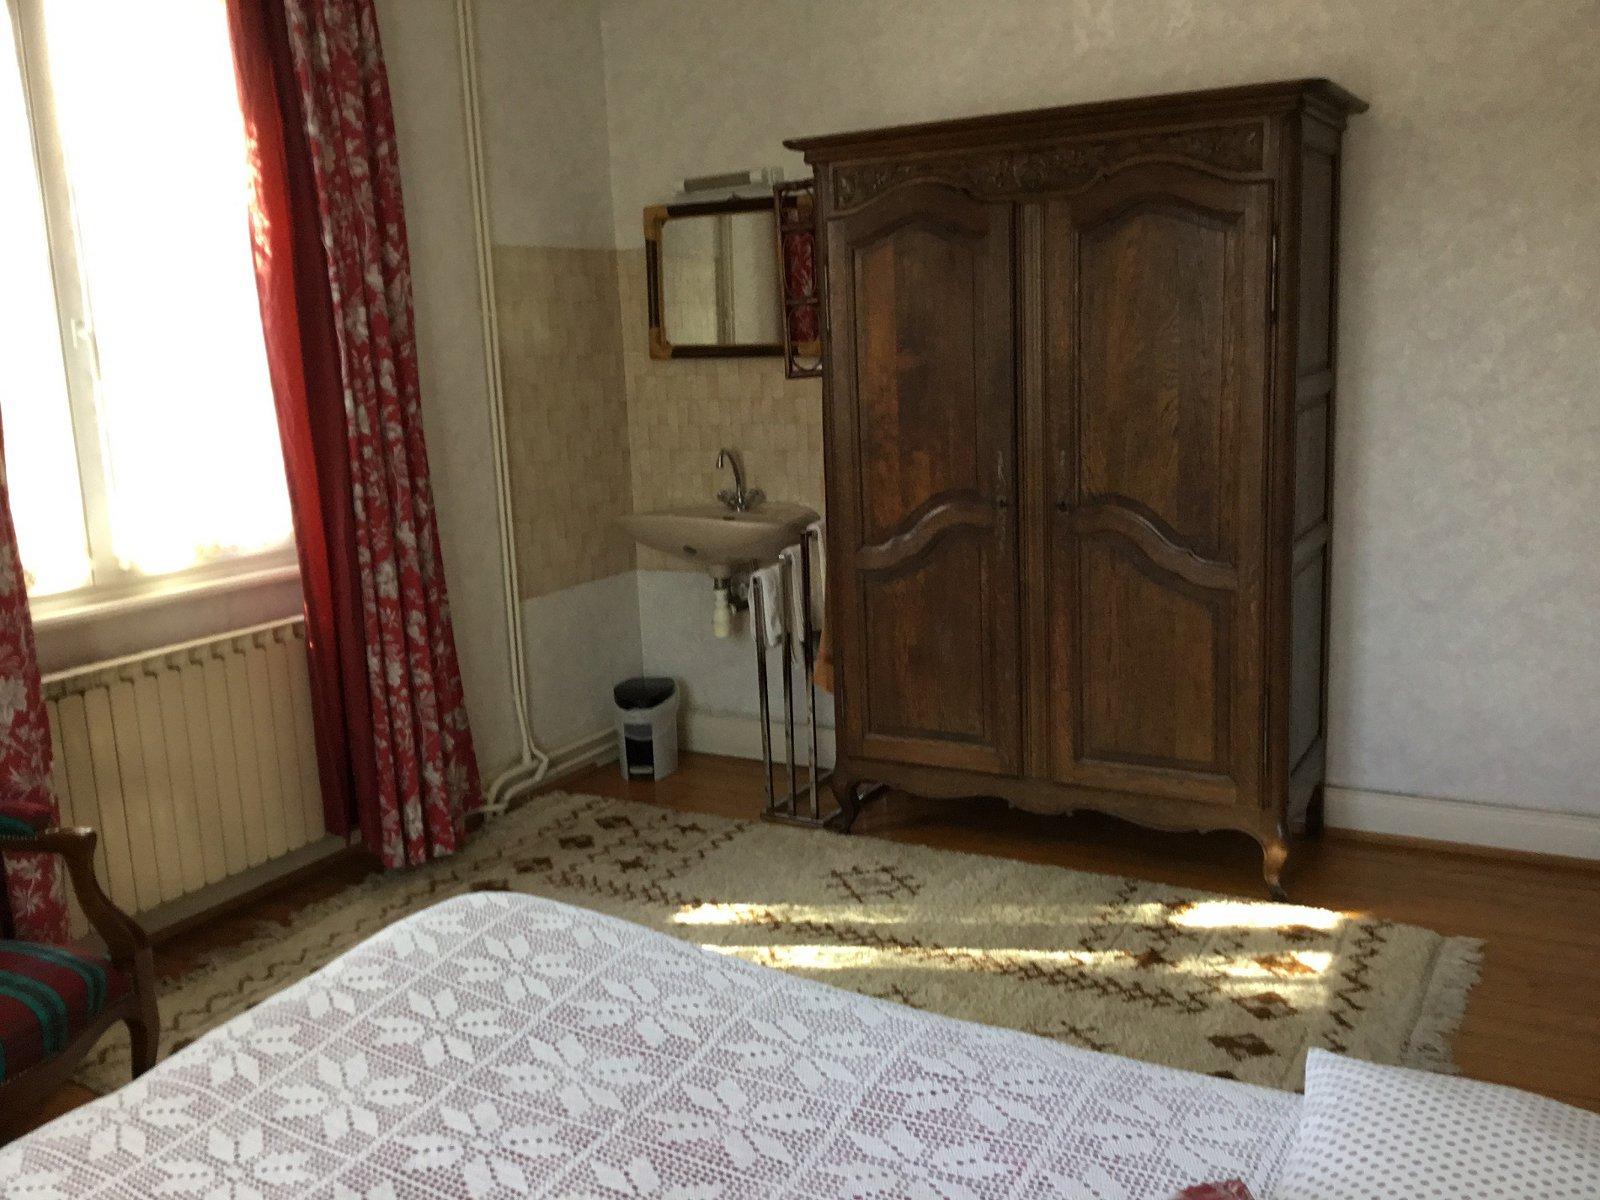 Chambres d 39 h tes pierre henri ginglinger eguisheim - Chambre d hote en alsace ...